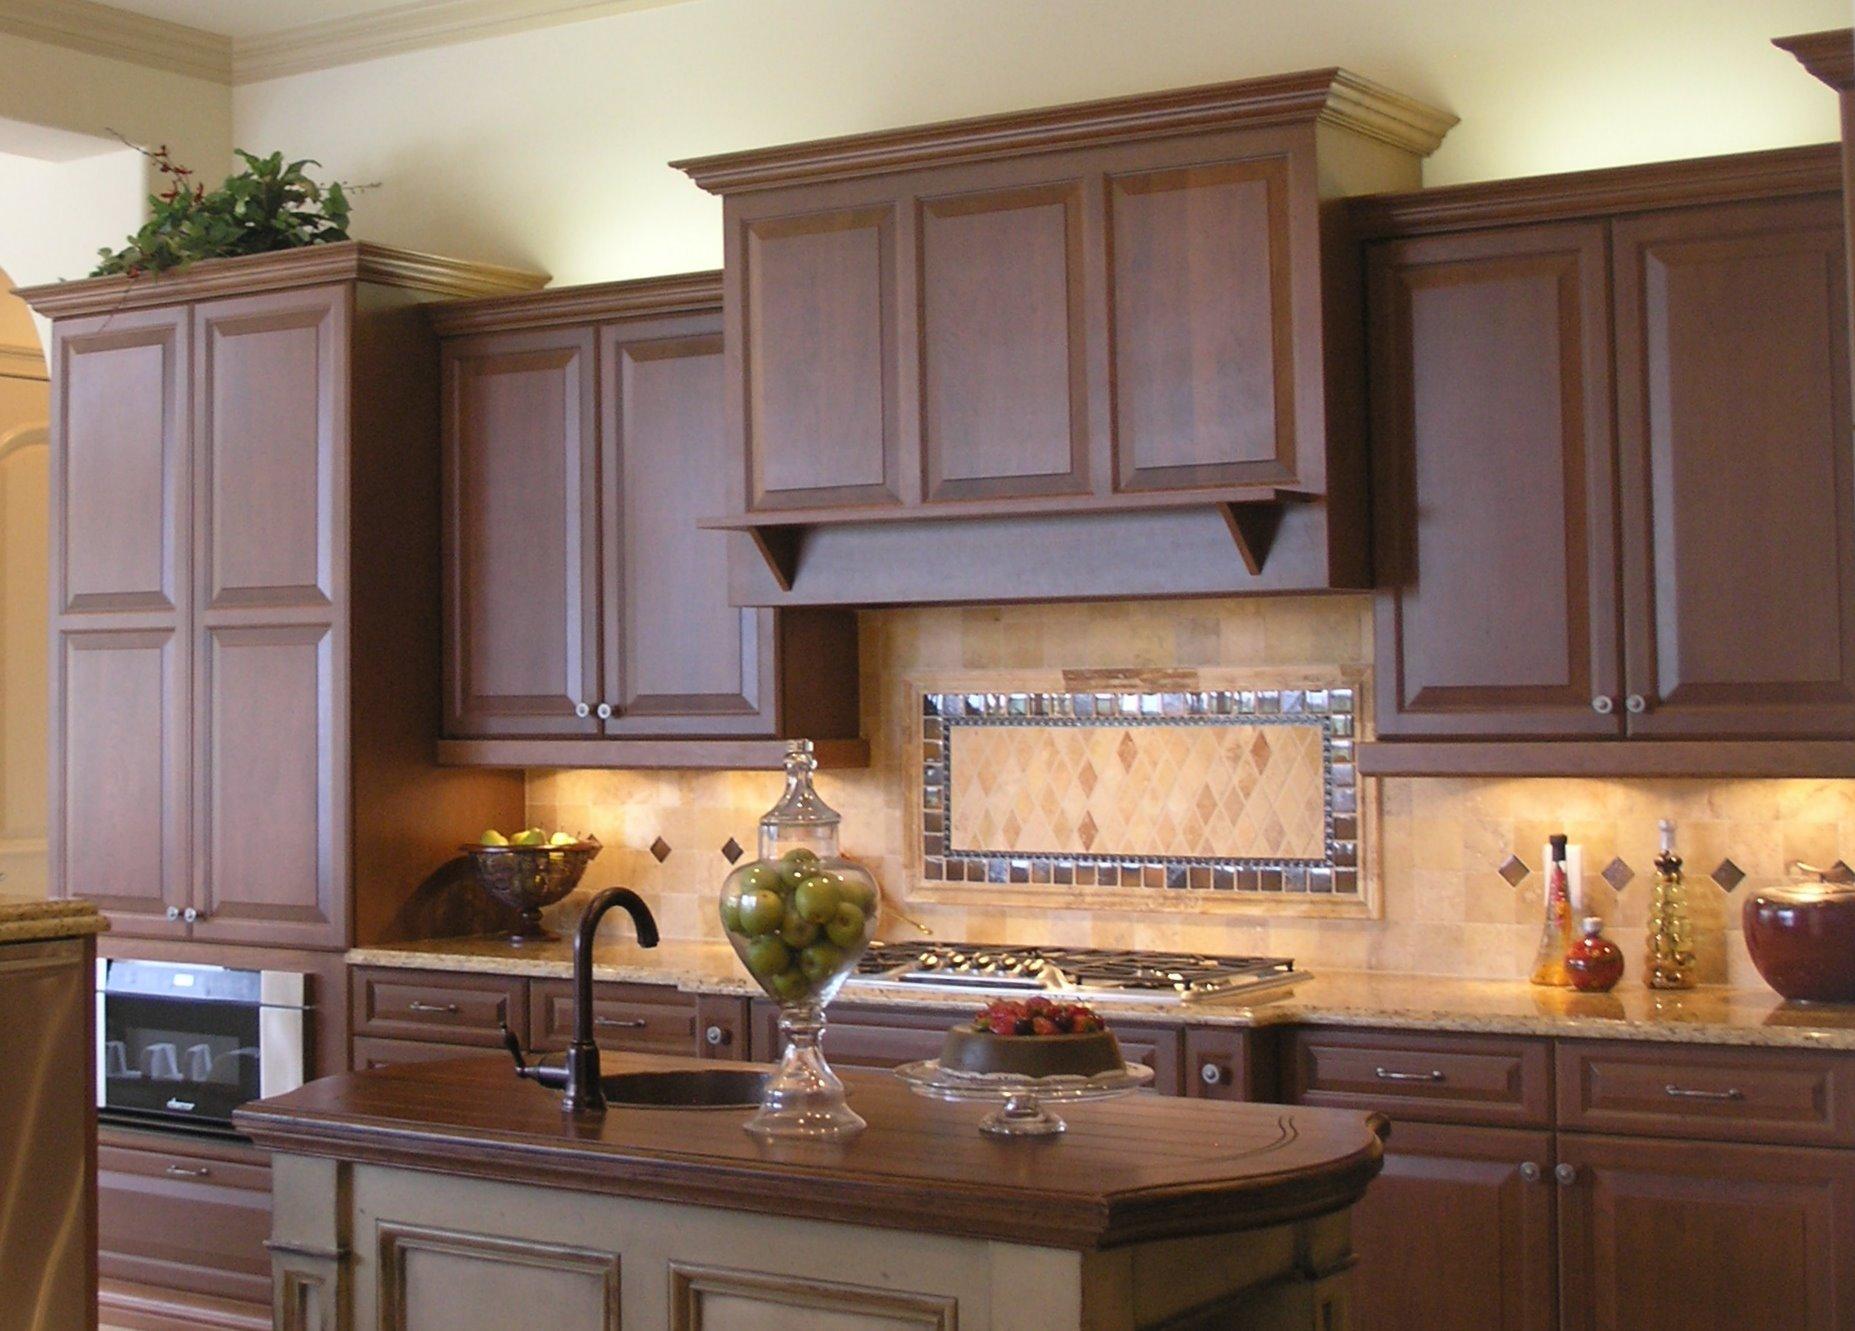 K Bb Kitchen Studio Of Naples Inc